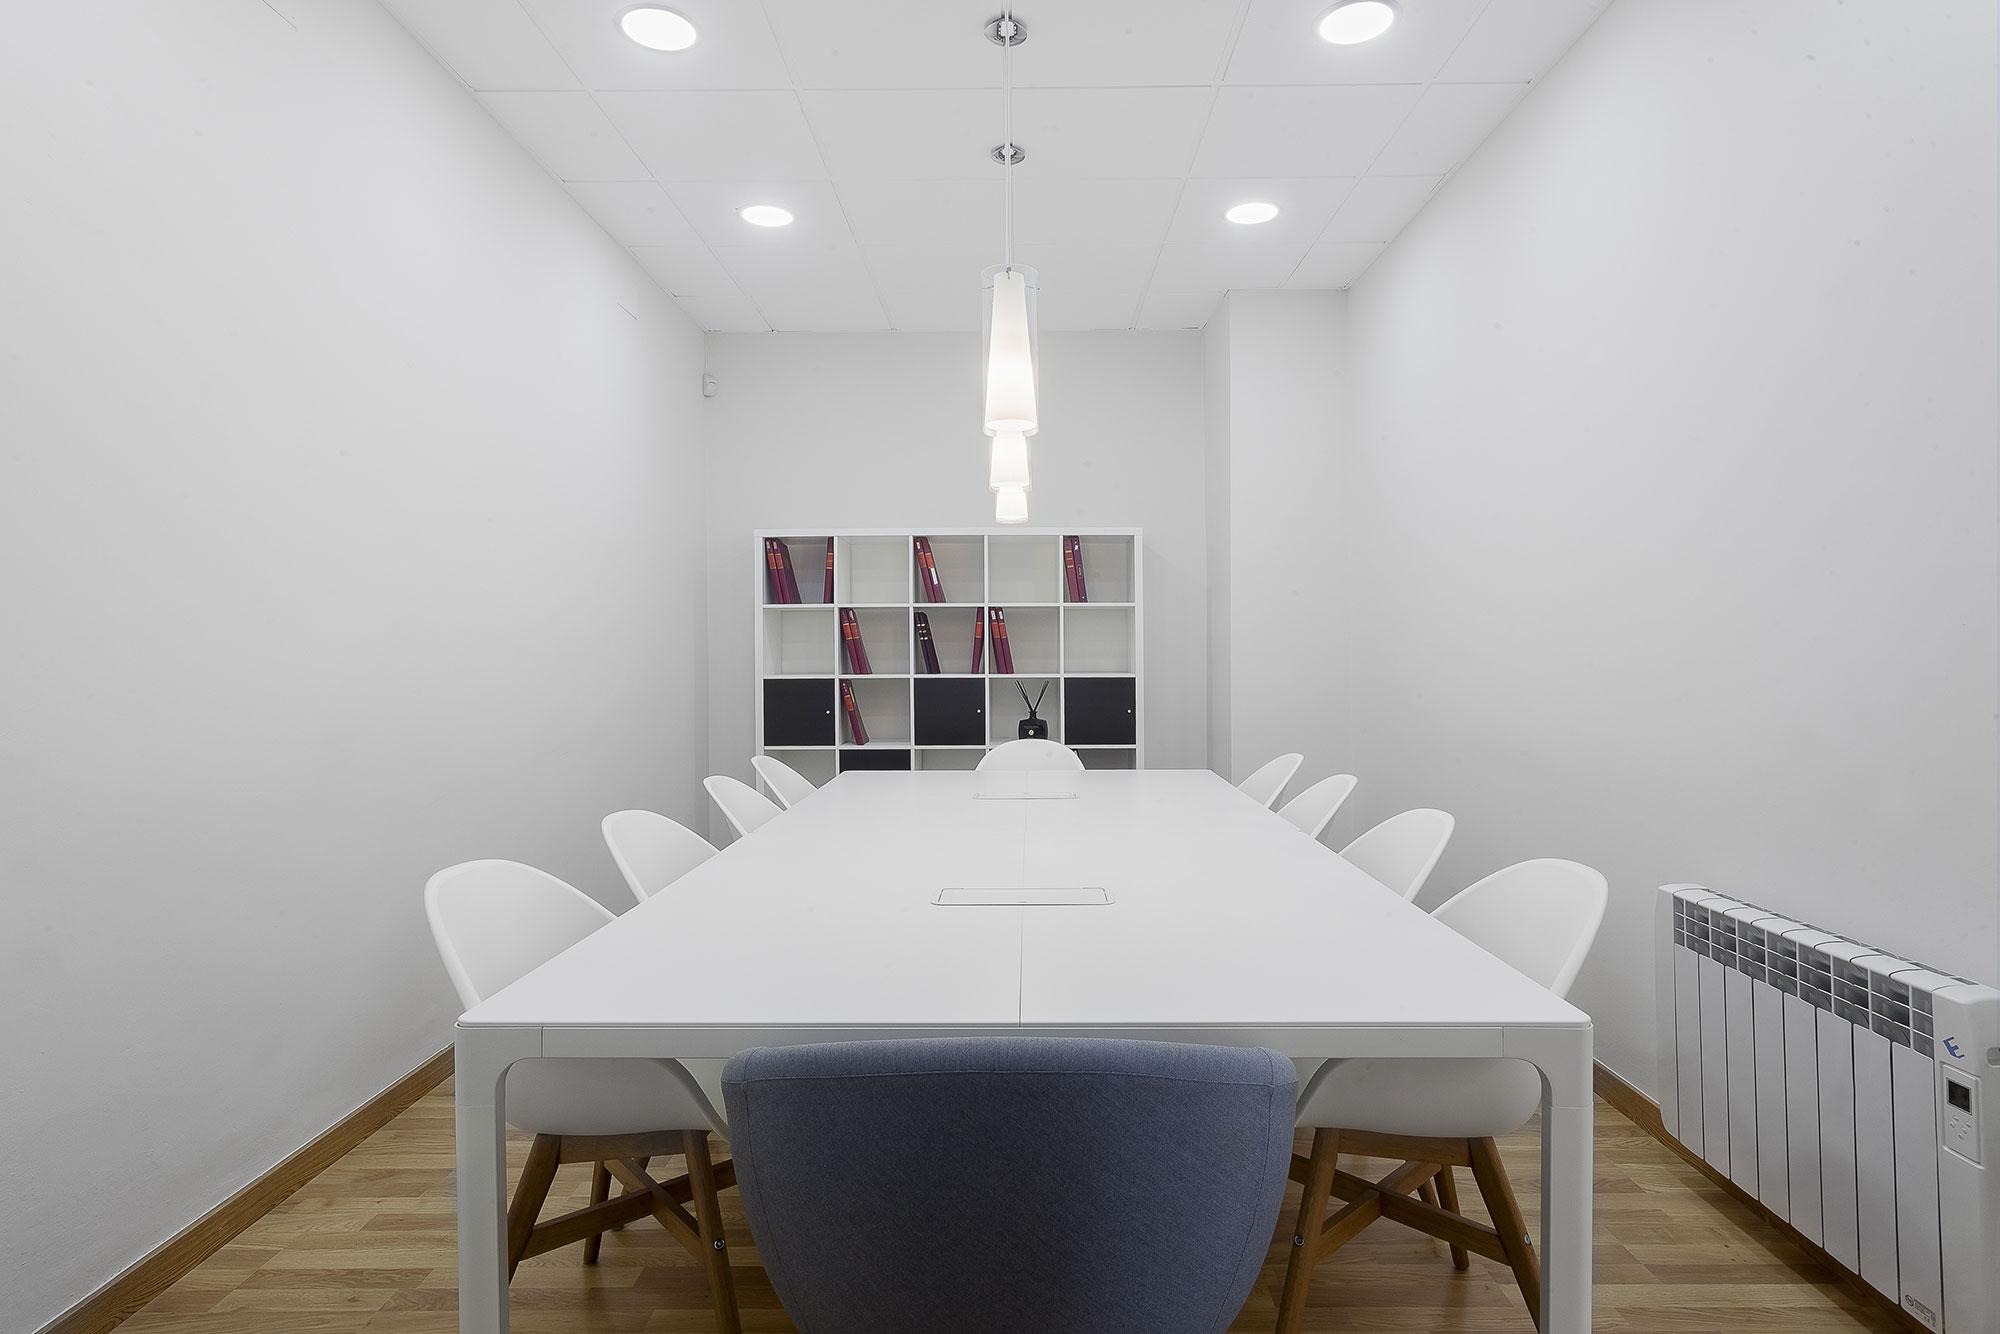 Sala de reunions Lloret de Mar - Grup Tas